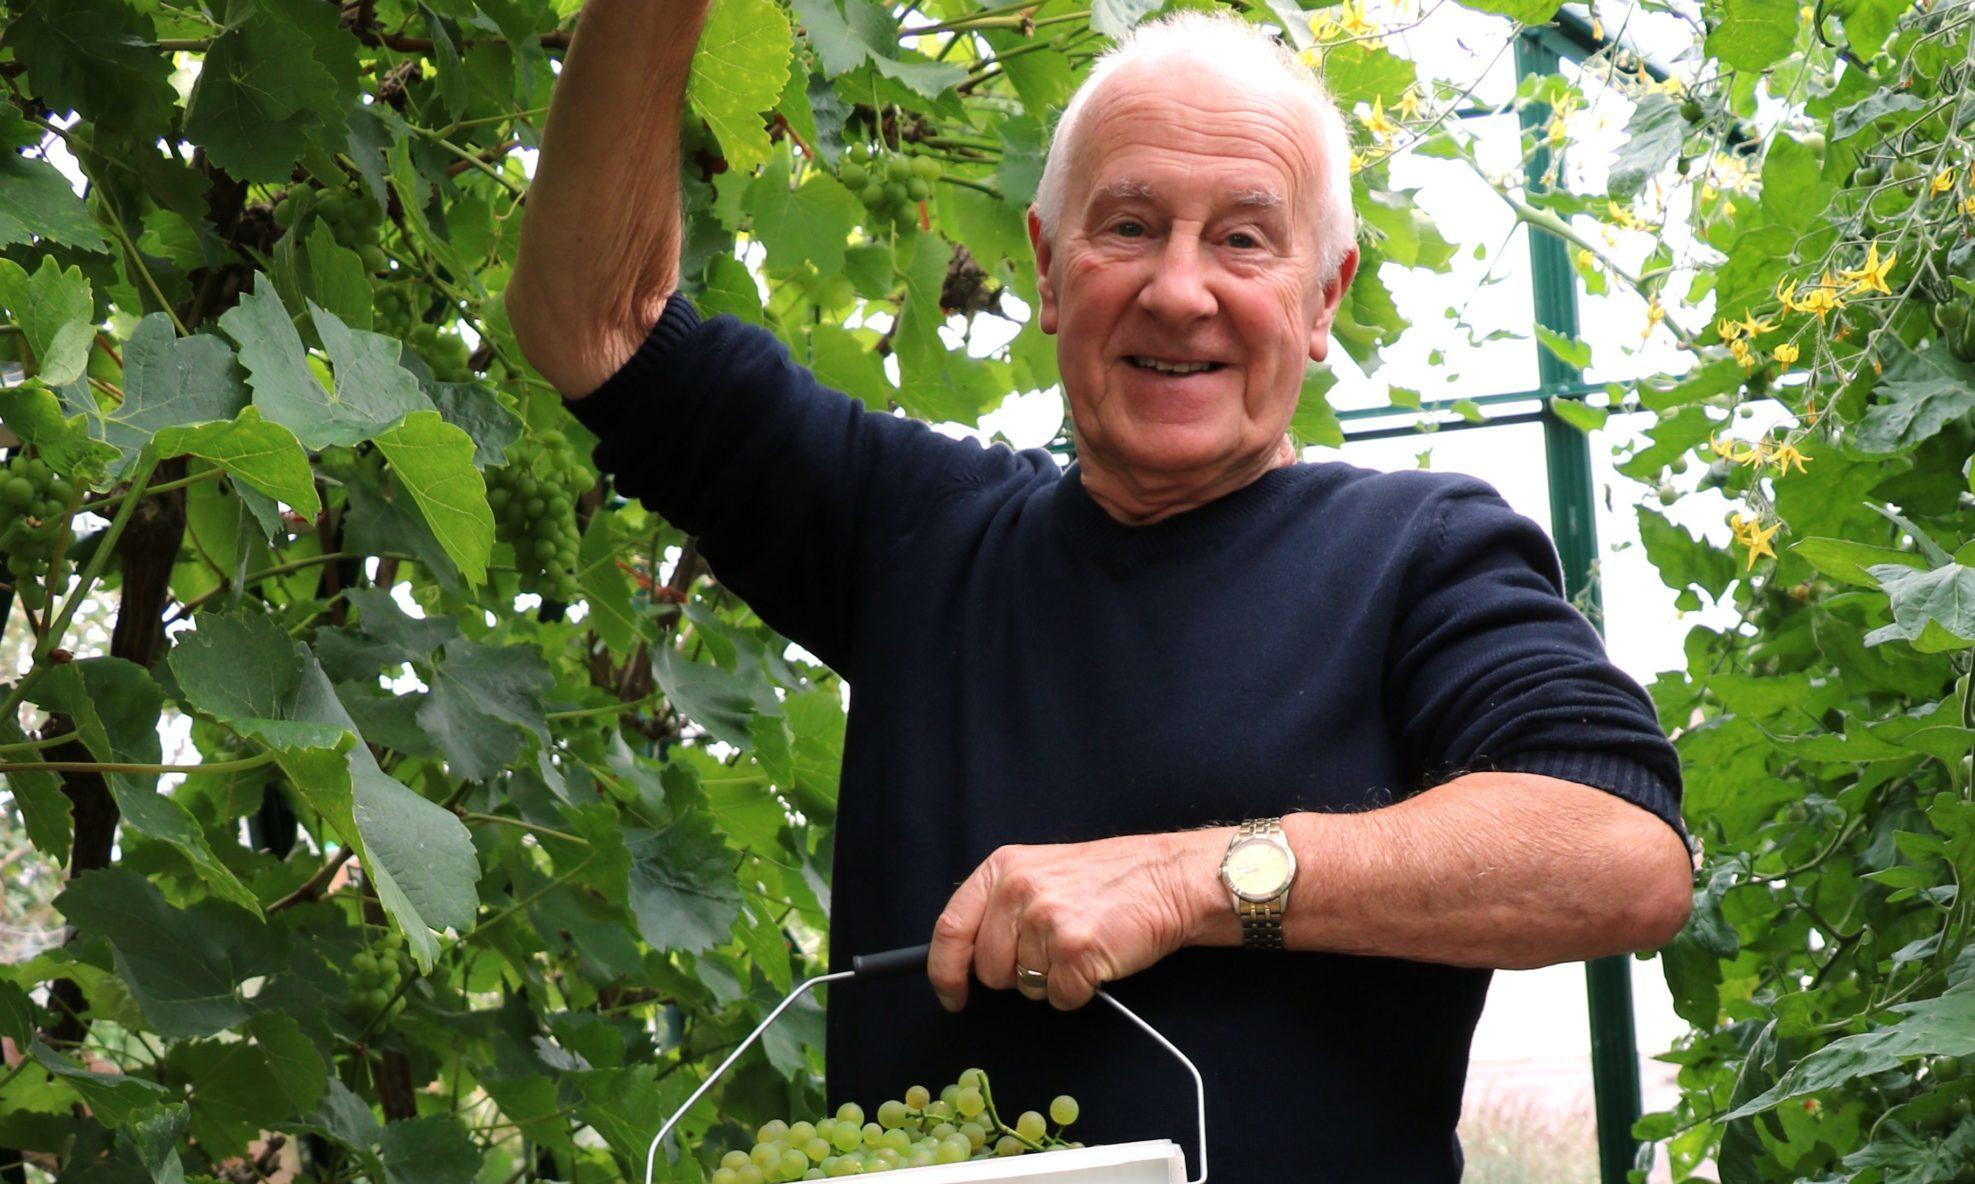 John picks the Solaris grapes